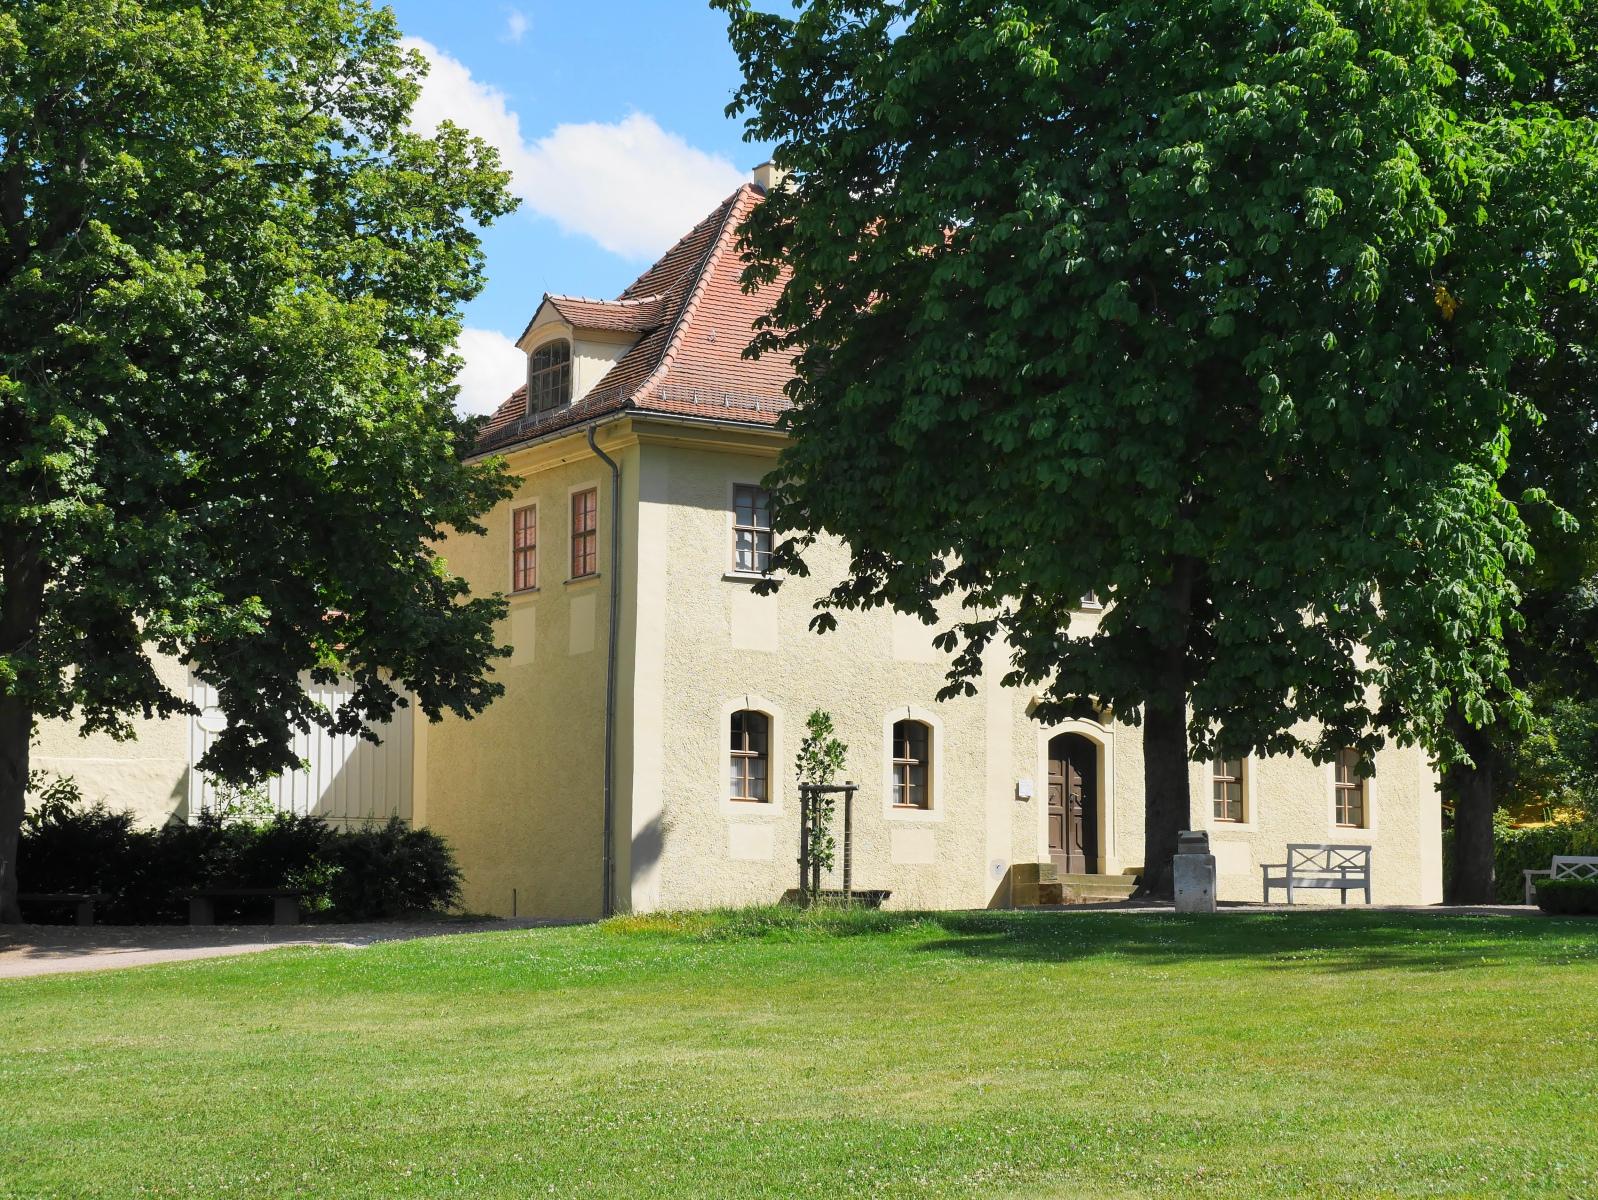 Tiefurt: Schloss, Eingangsseite